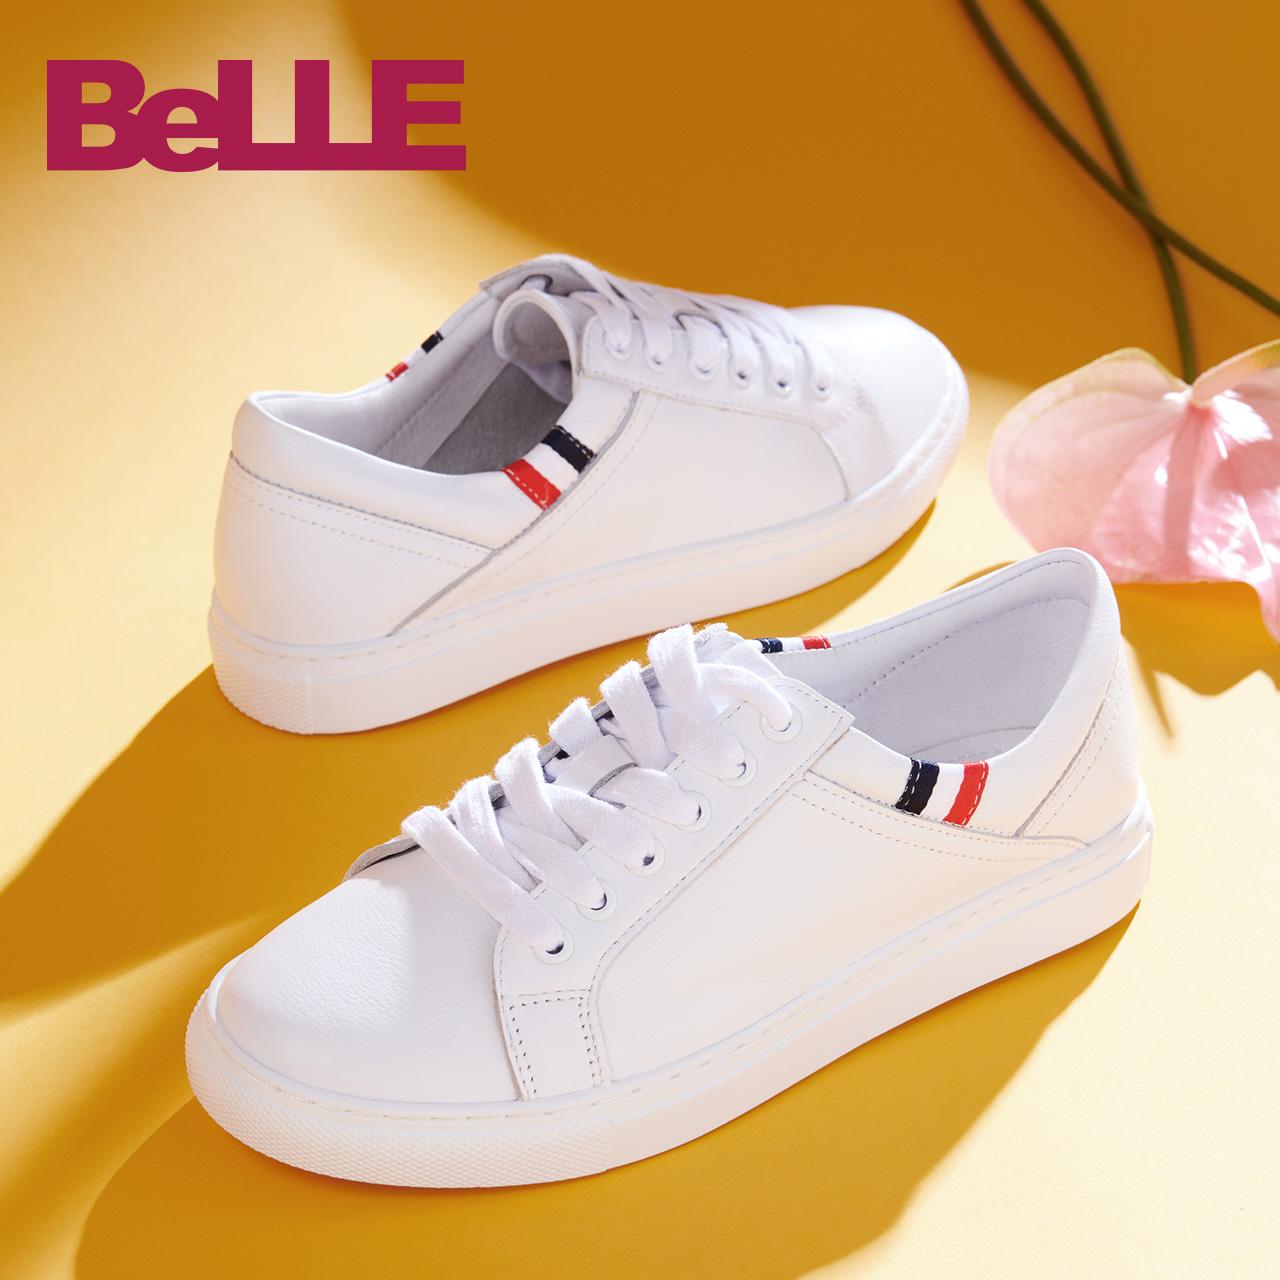 Belle-百丽板鞋2018春季新商场同款牛皮休闲平底女鞋S2N1DAM8